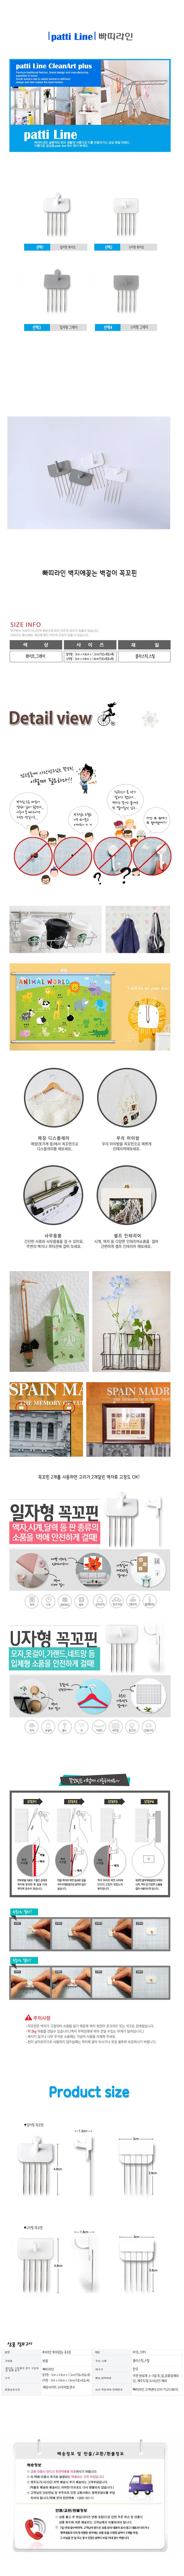 빠띠라인 벽지에꽂는 벽걸이 꼭꼬핀 - 빠띠빠띠, 990원, 히터, 전기매트